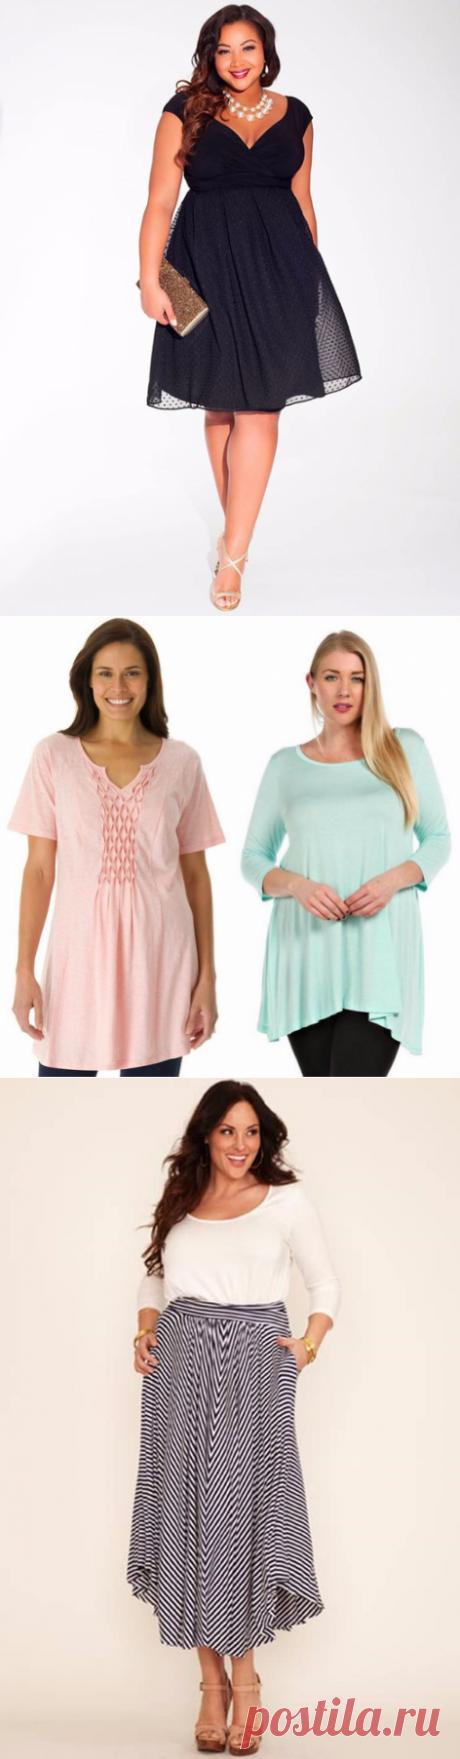 Как выбрать стильный наряд для полной фигуры